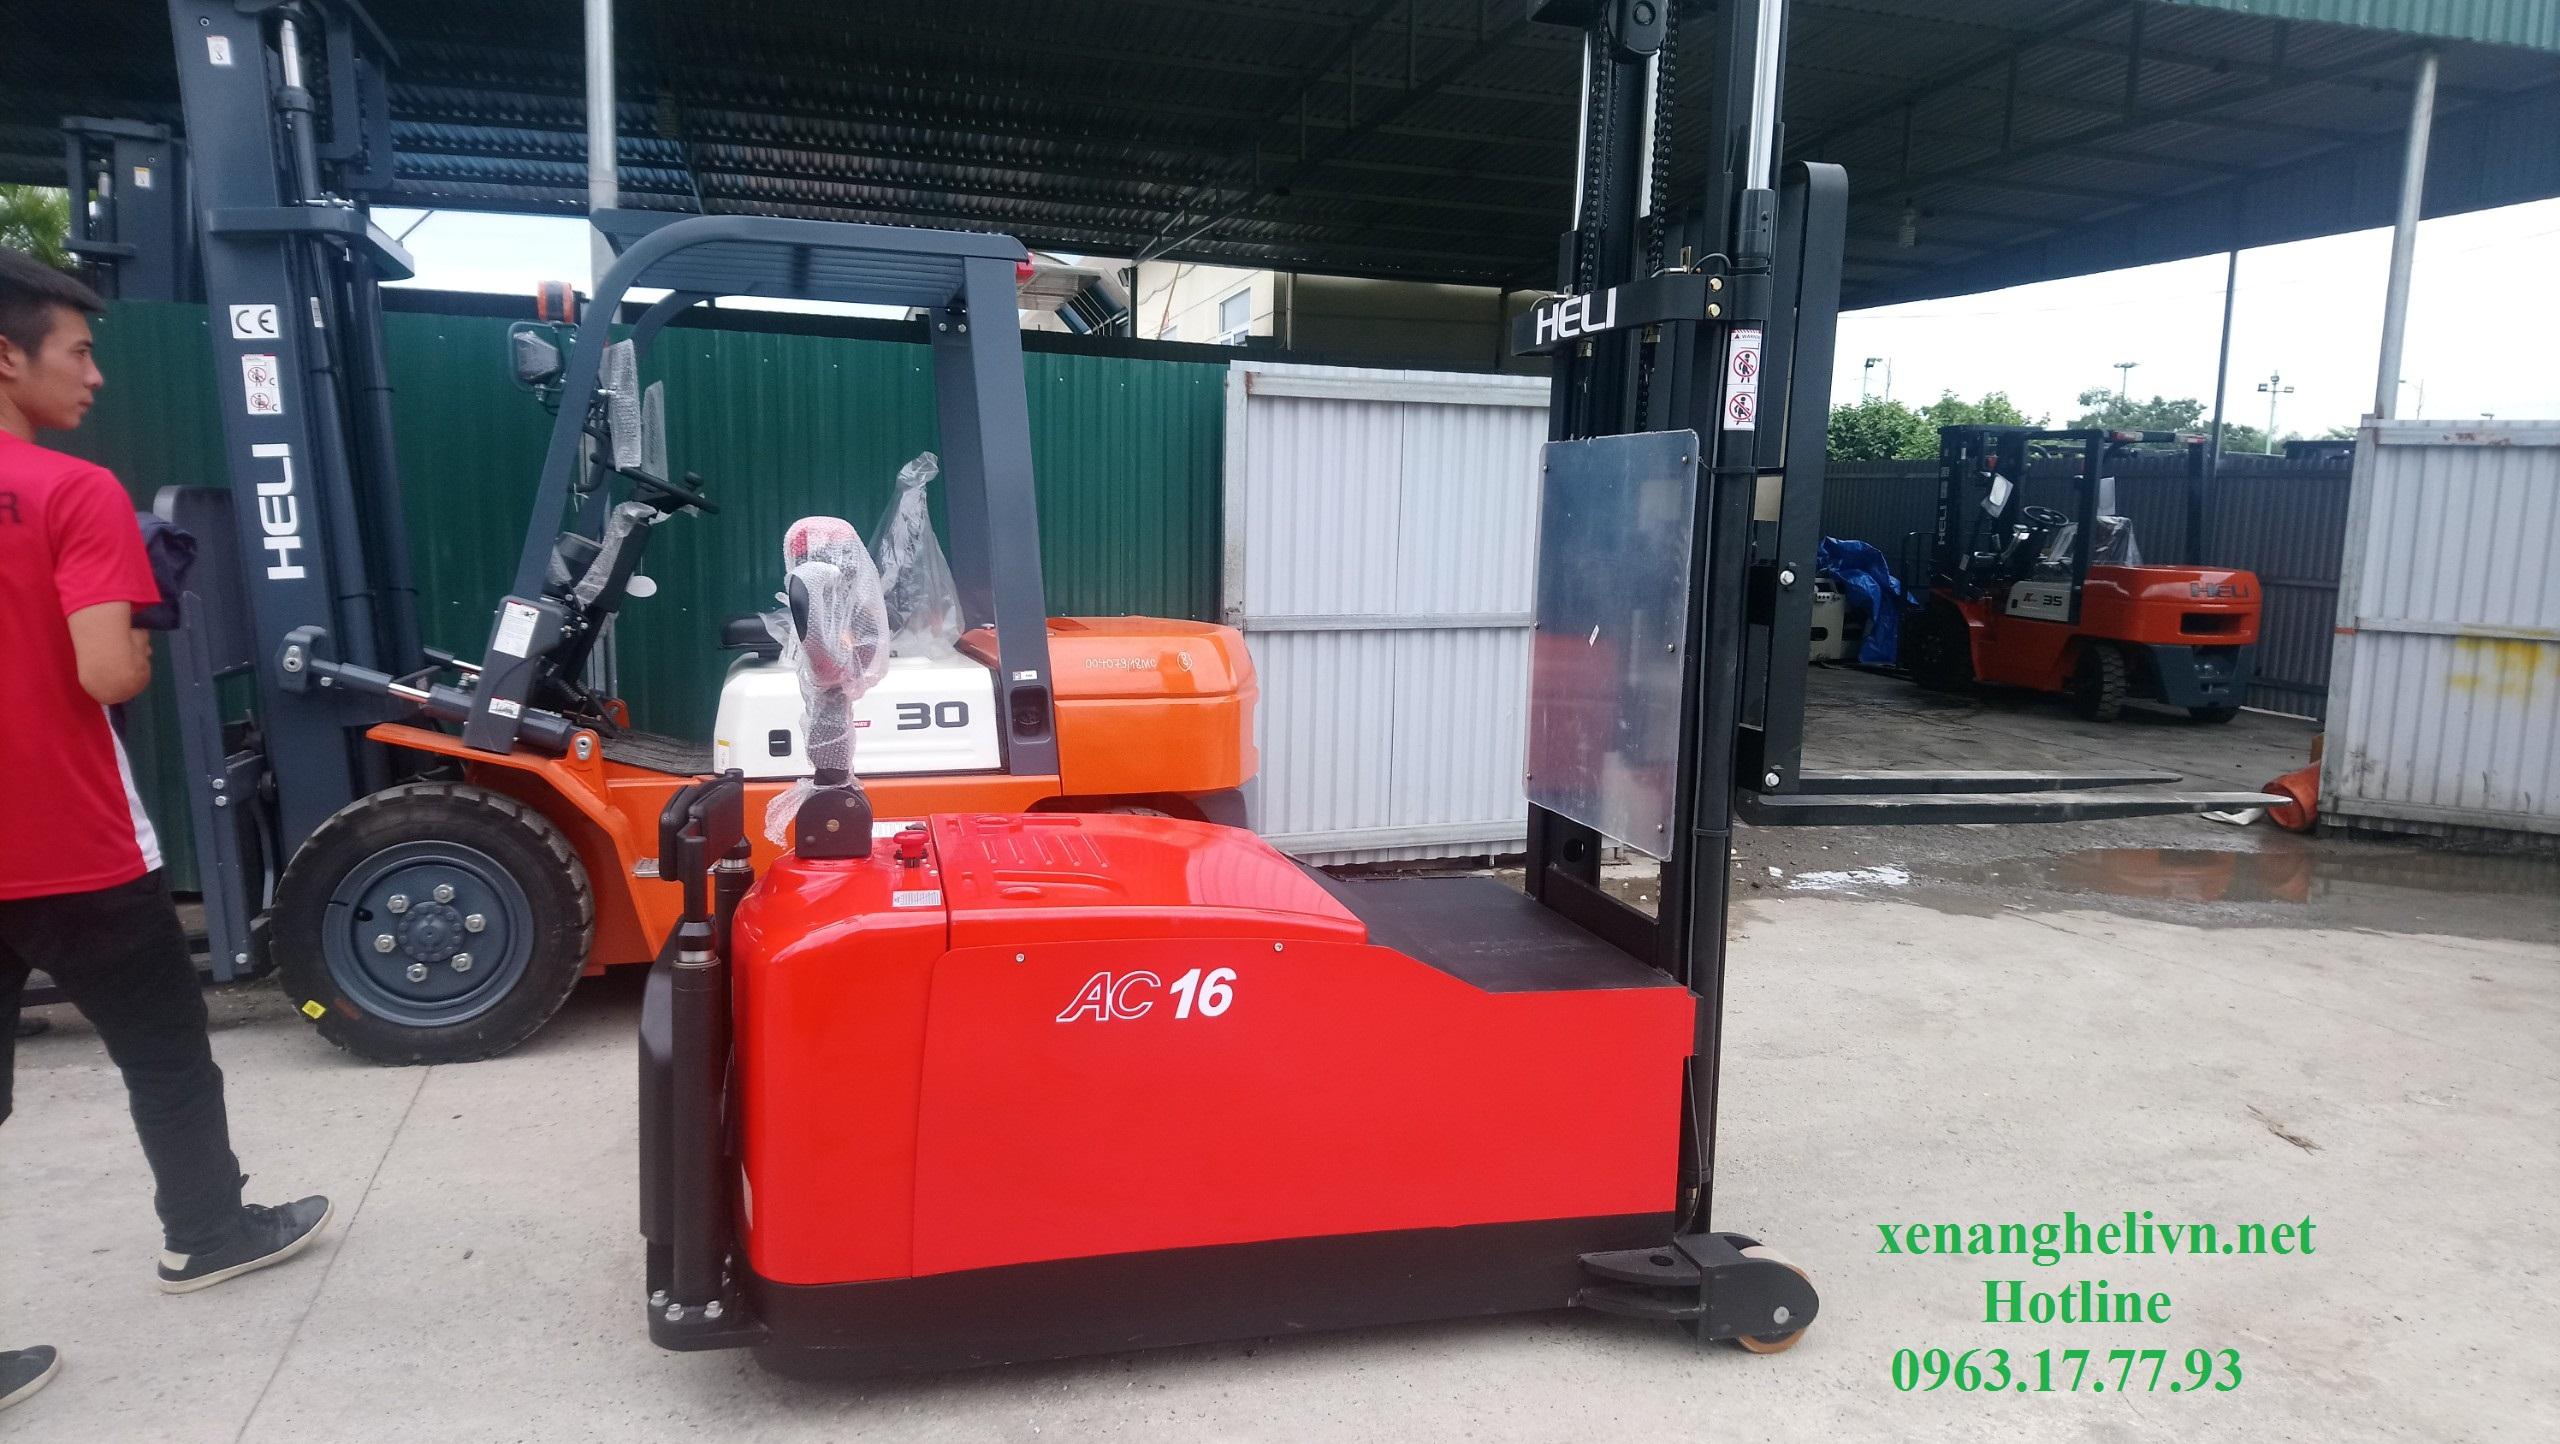 Xe nâng điện đối trọng CDD16 - 970